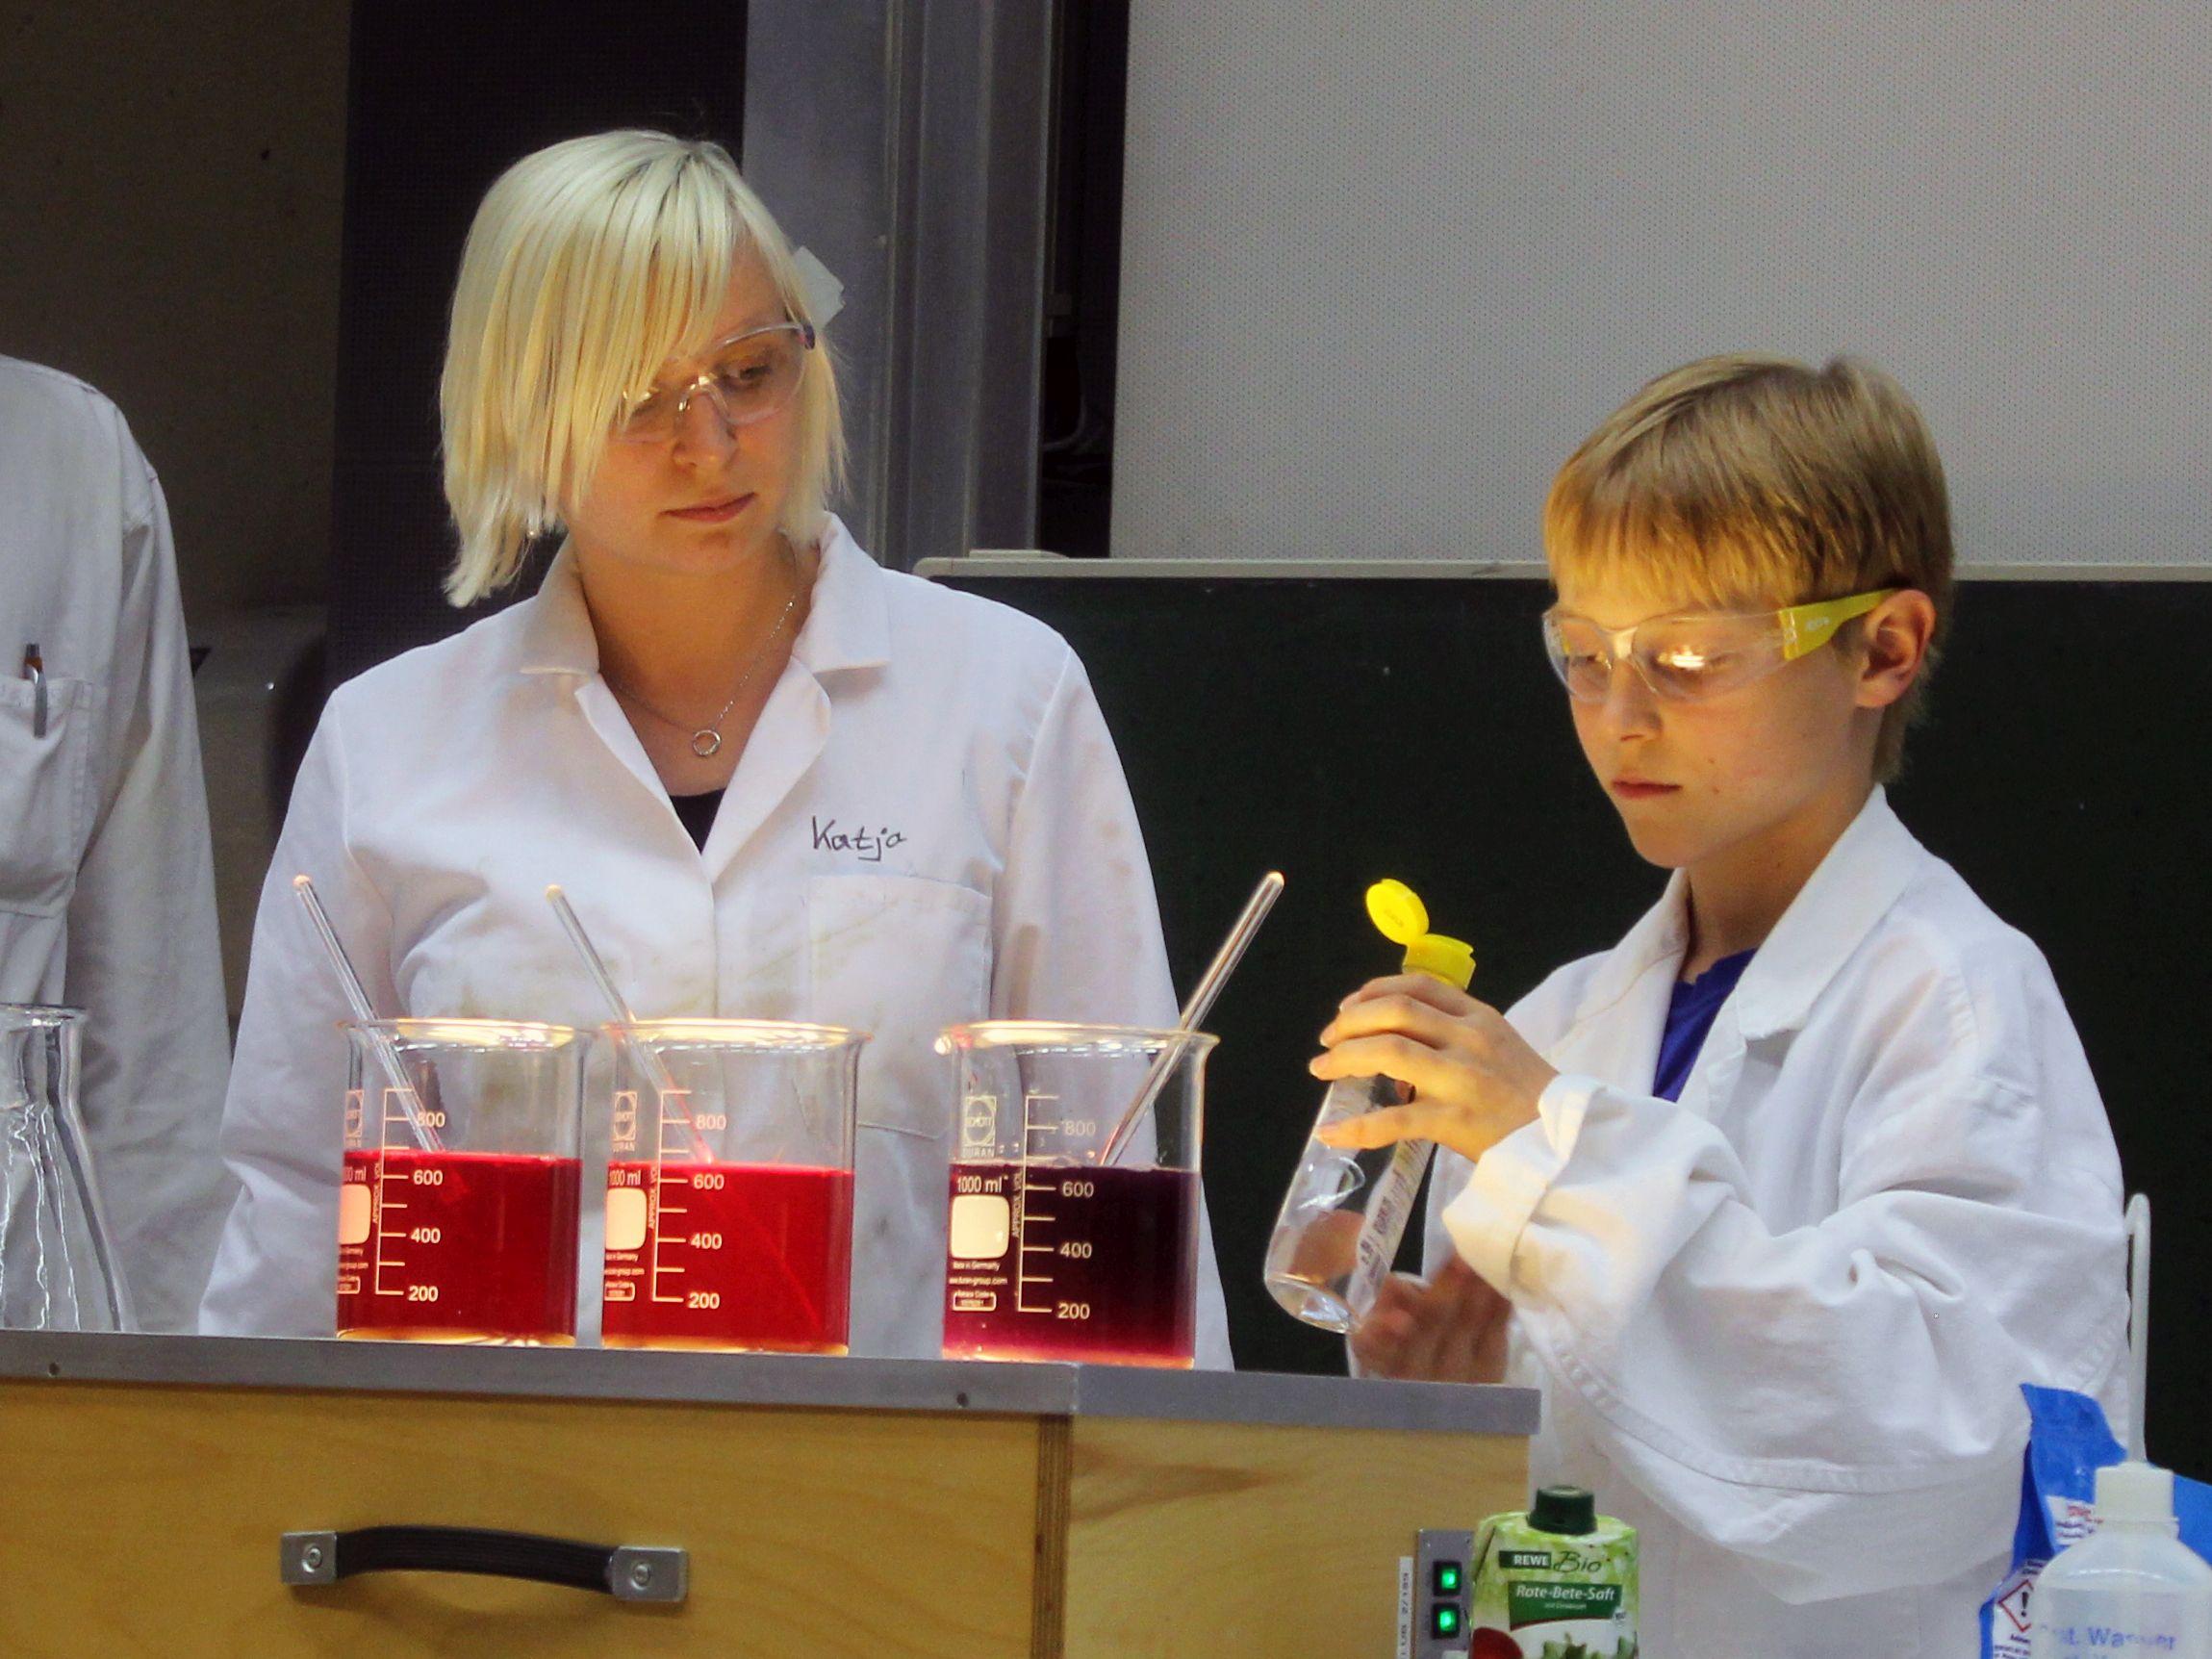 Ein breites Spektrum an wissenschaftlichen Kursen bietet dieses Jahr wieder die KinderUni in Bayreuth.